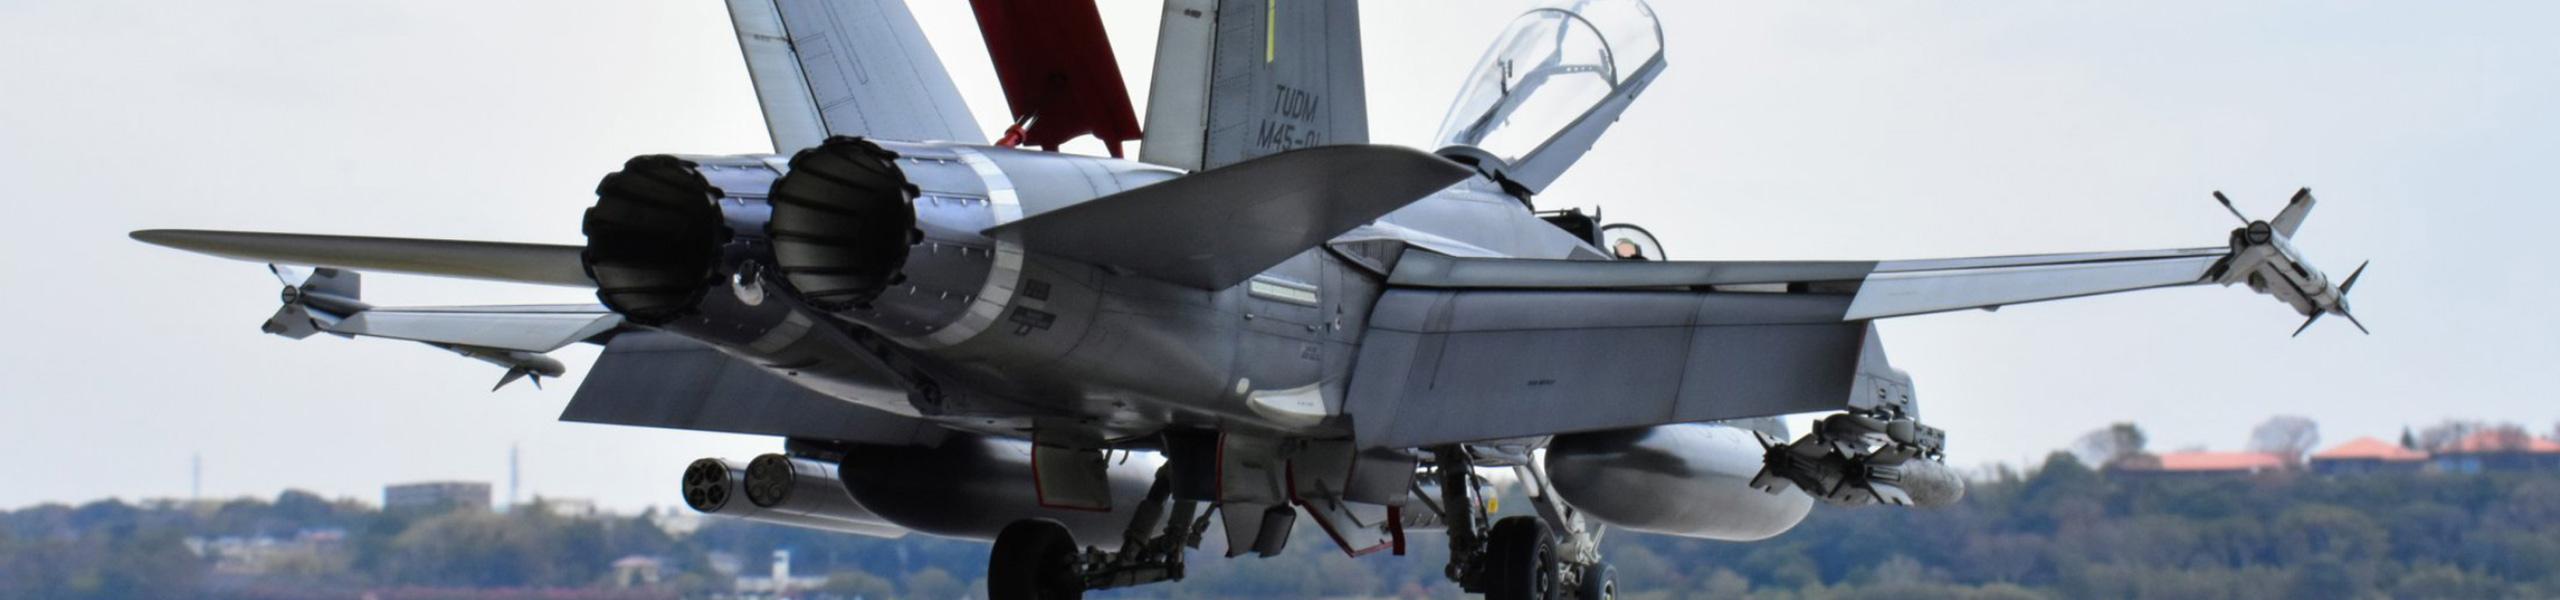 Modellbauforum für Jets, Warbird und Panzer